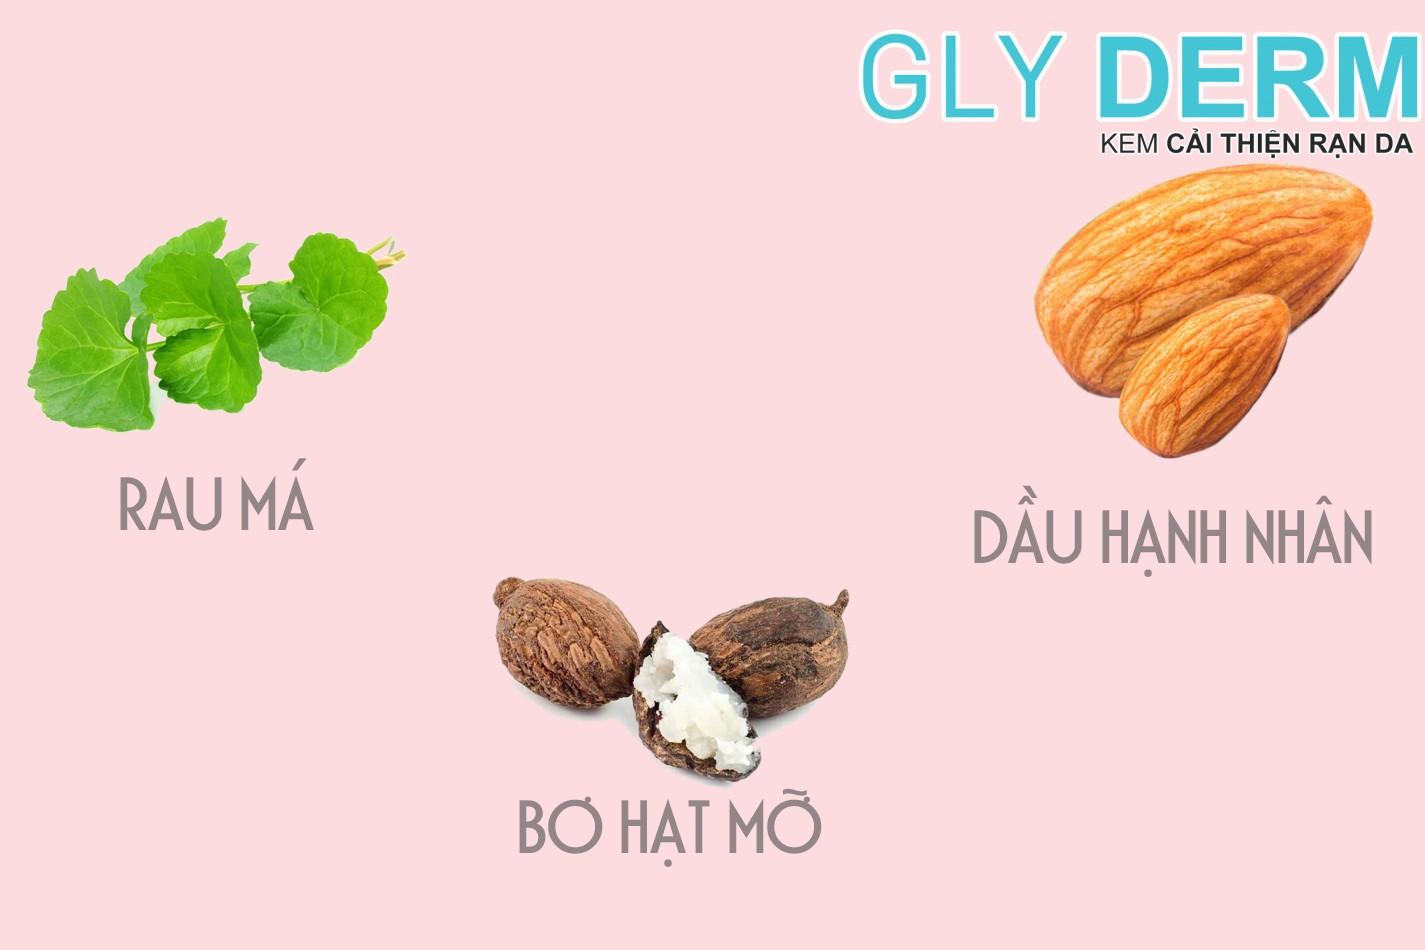 Thành phần kem Gly Derm